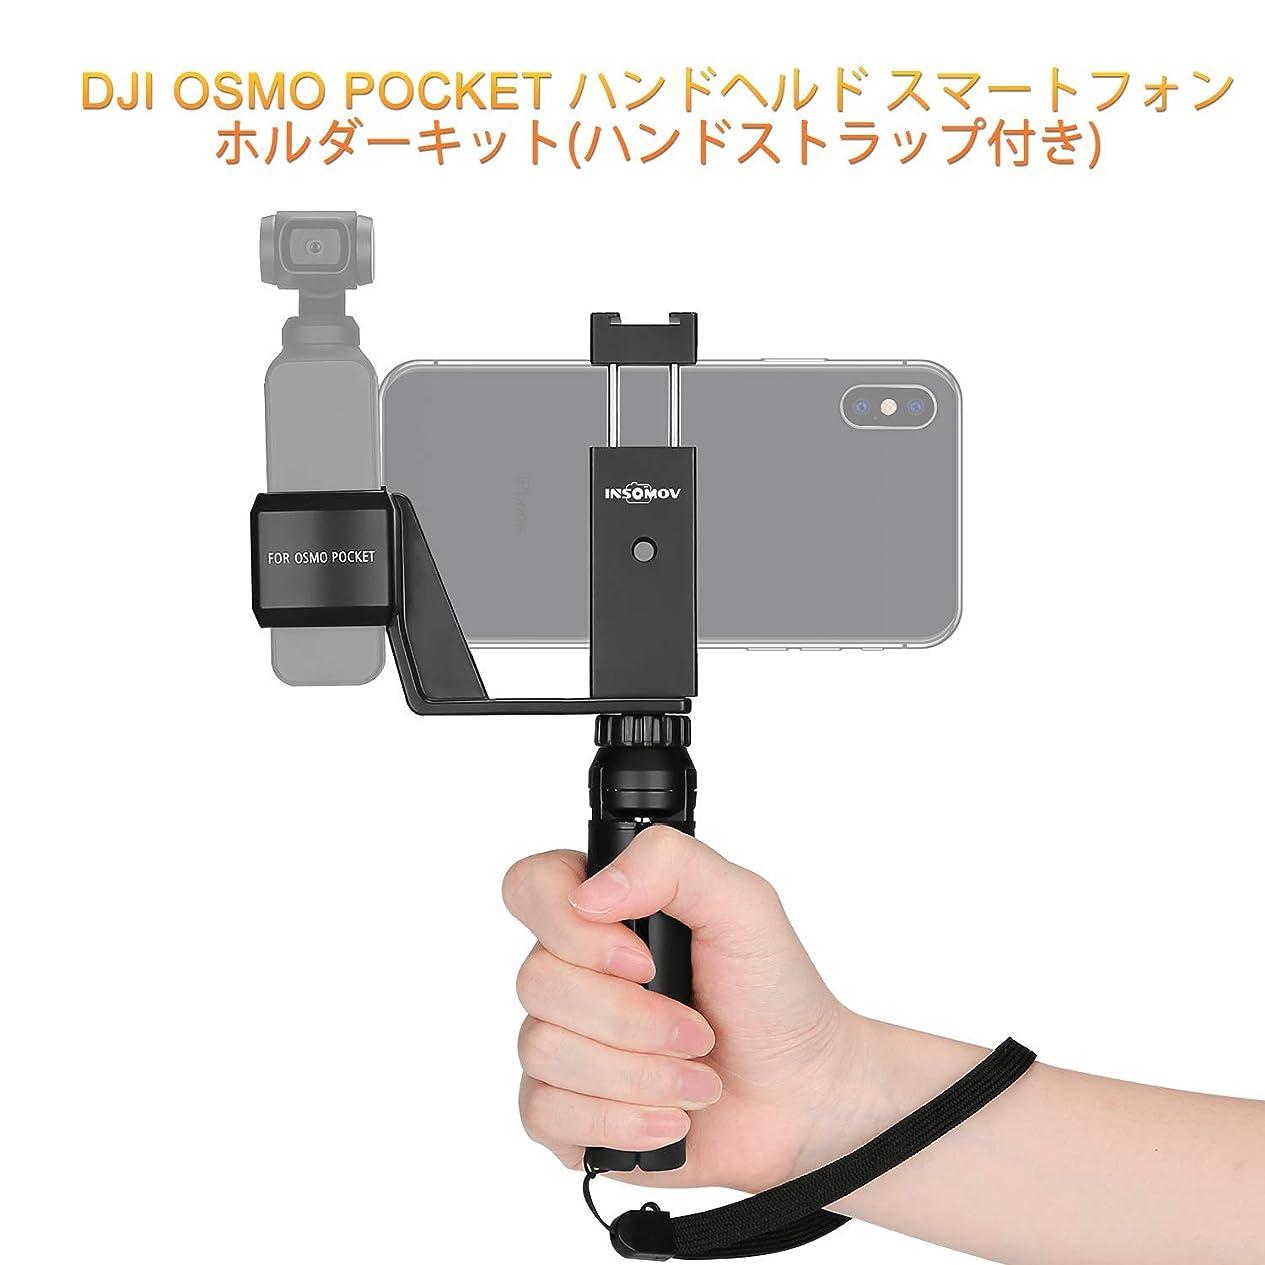 拡声器フレームワークしばしばHohem Osmo ポケットアクセサリーマウント スマートフォンホルダー Osmo ポケットマウント + アルミ携帯電話ホルダー+ミニ三脚スタンド コールドシューマウント付き DJI Osmo Pocketに対応